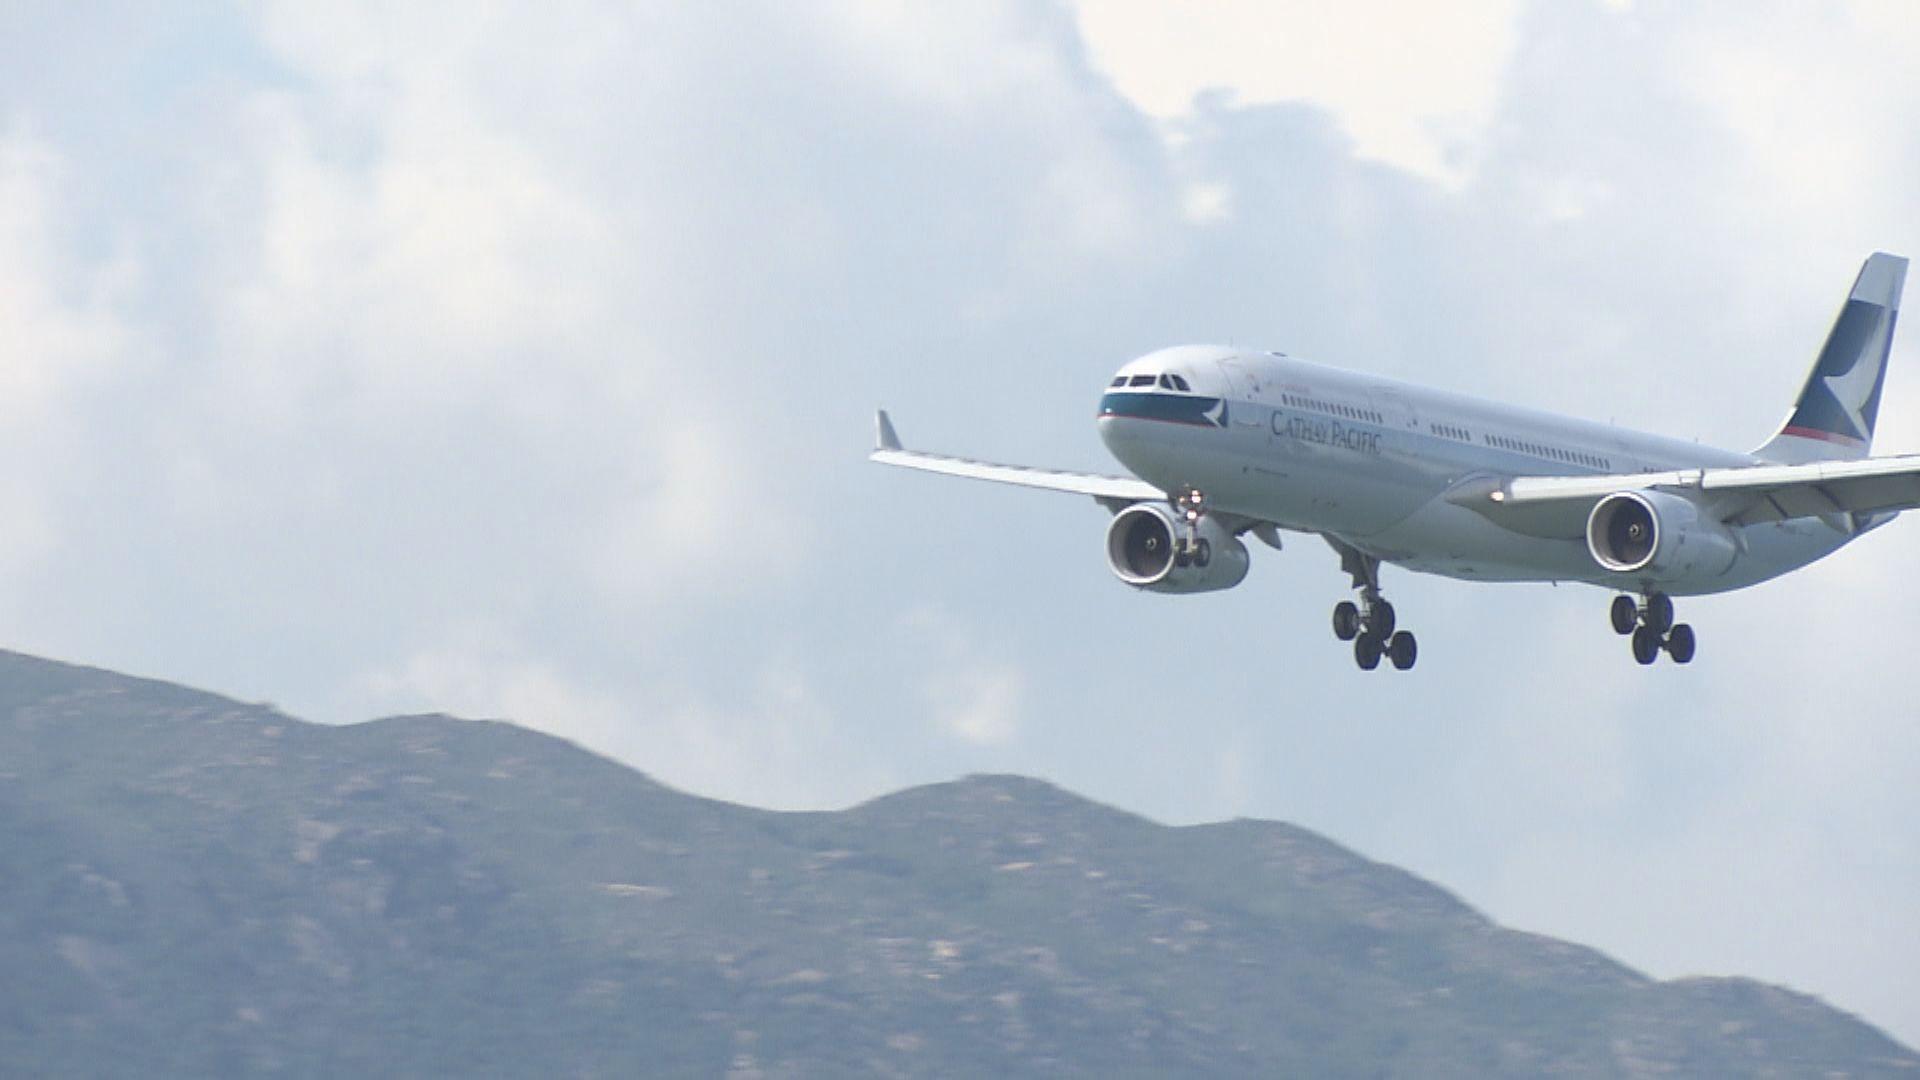 國泰︰已中止兩位機師僱傭合約